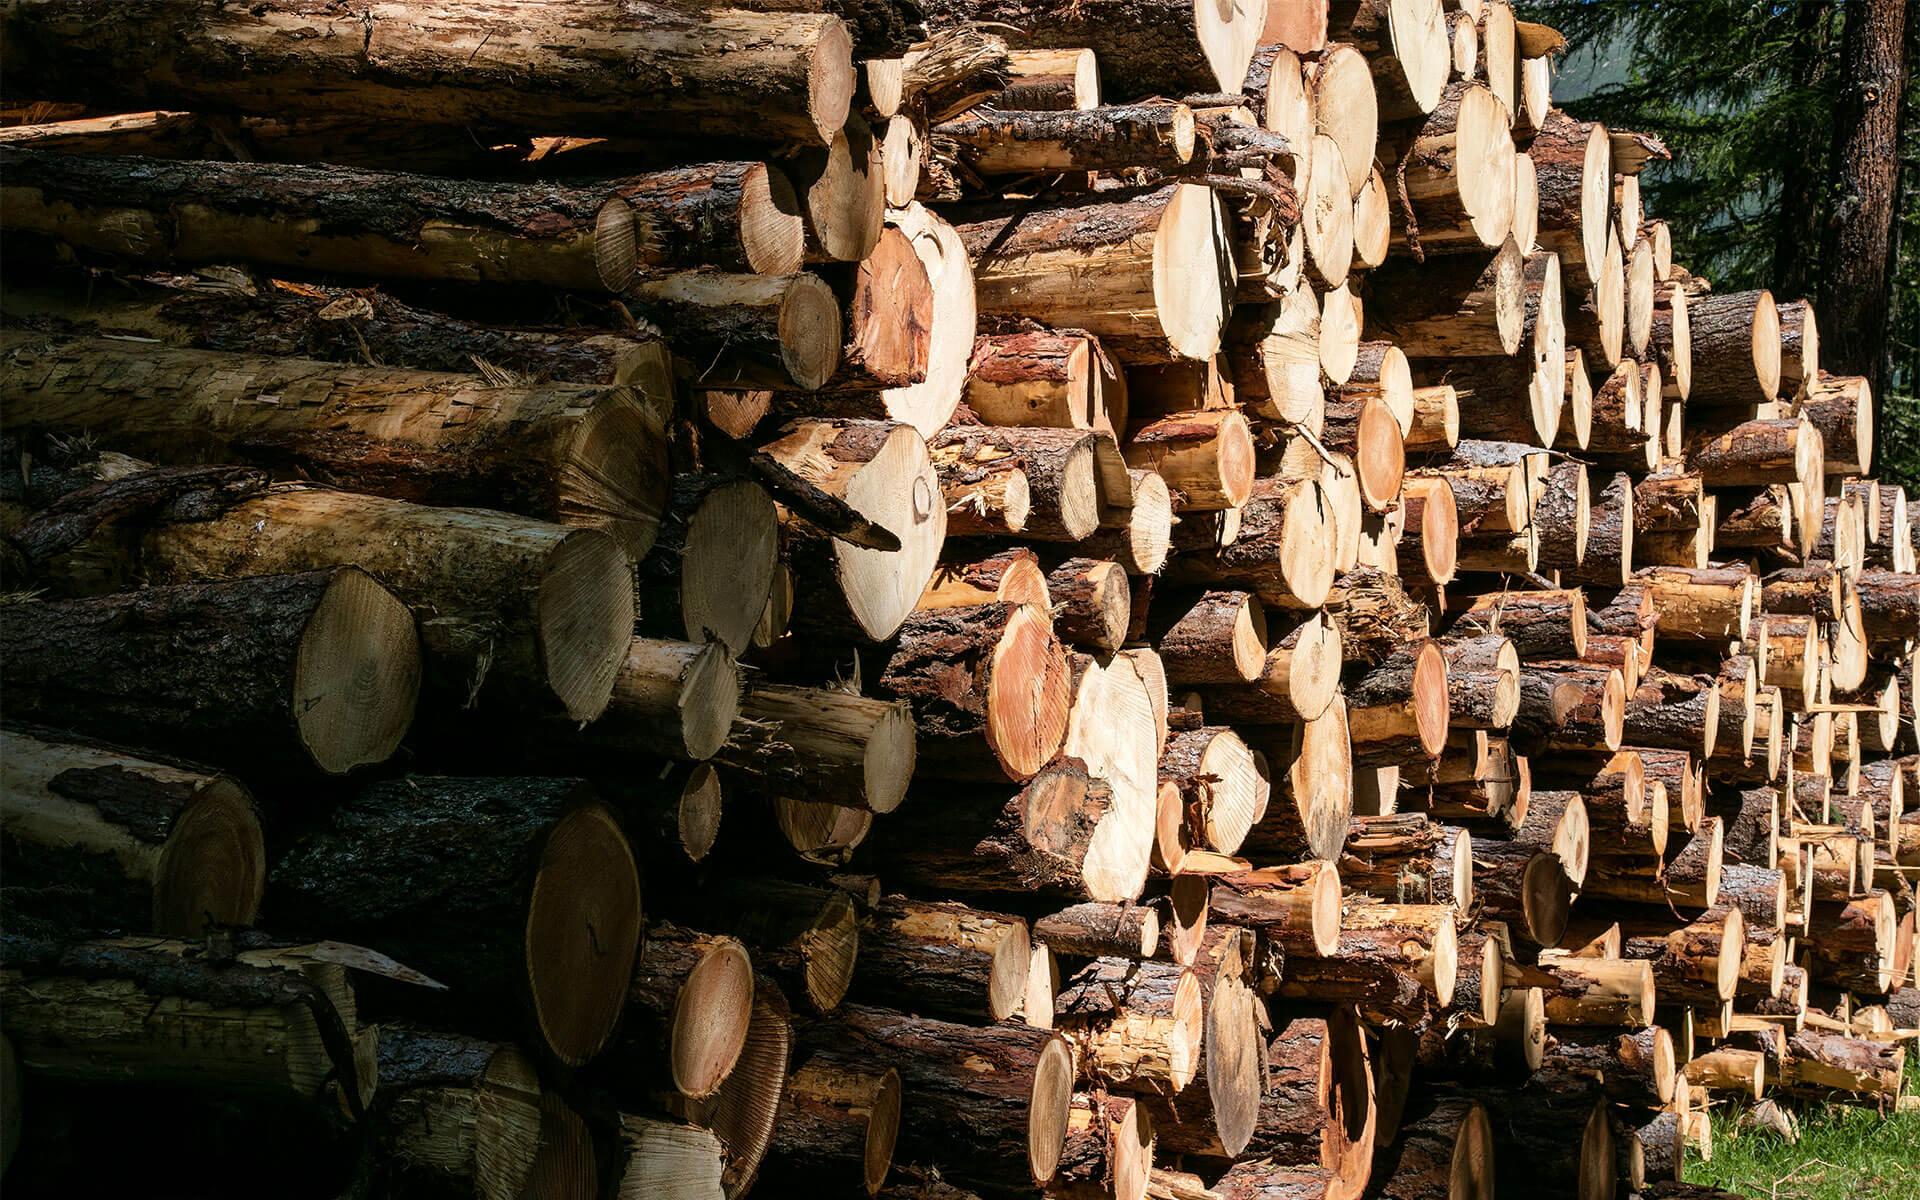 Aus einem Tal: Mondhaus-Besitzer wissen, woher die Rohstoffe für ihr Haus kommen. Sie sind bei dessen Entstehung dabei. Vom Baum im Wald...